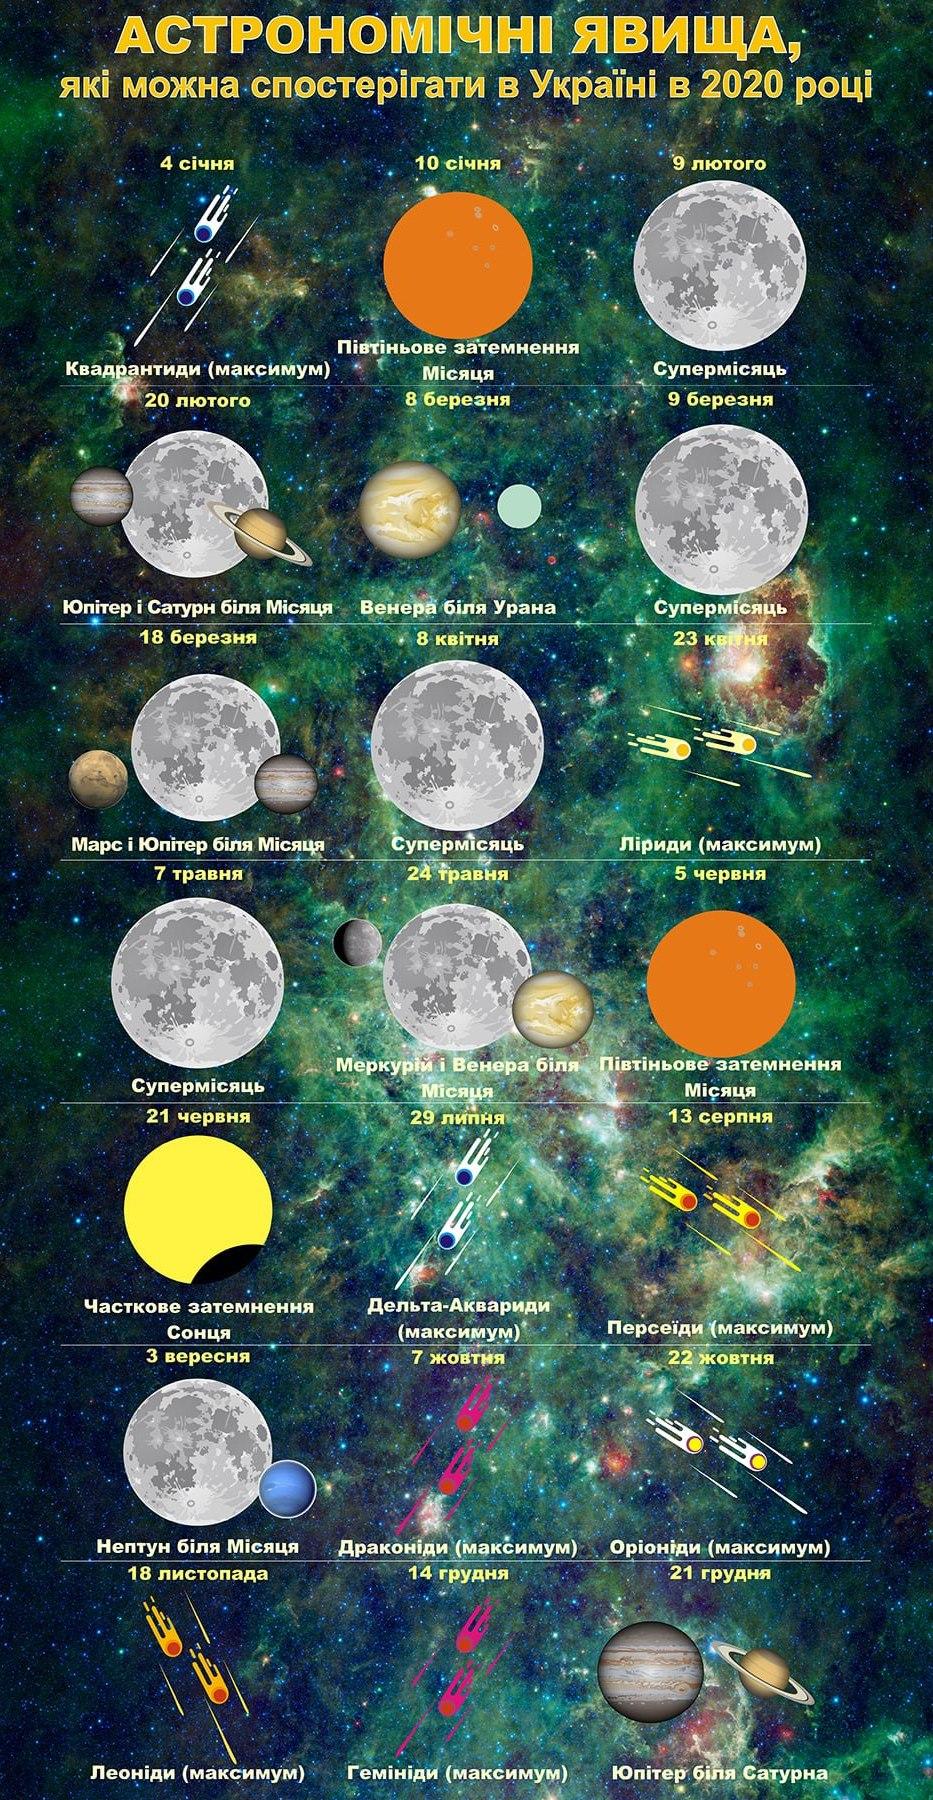 астрономічні явища в Україні 2020